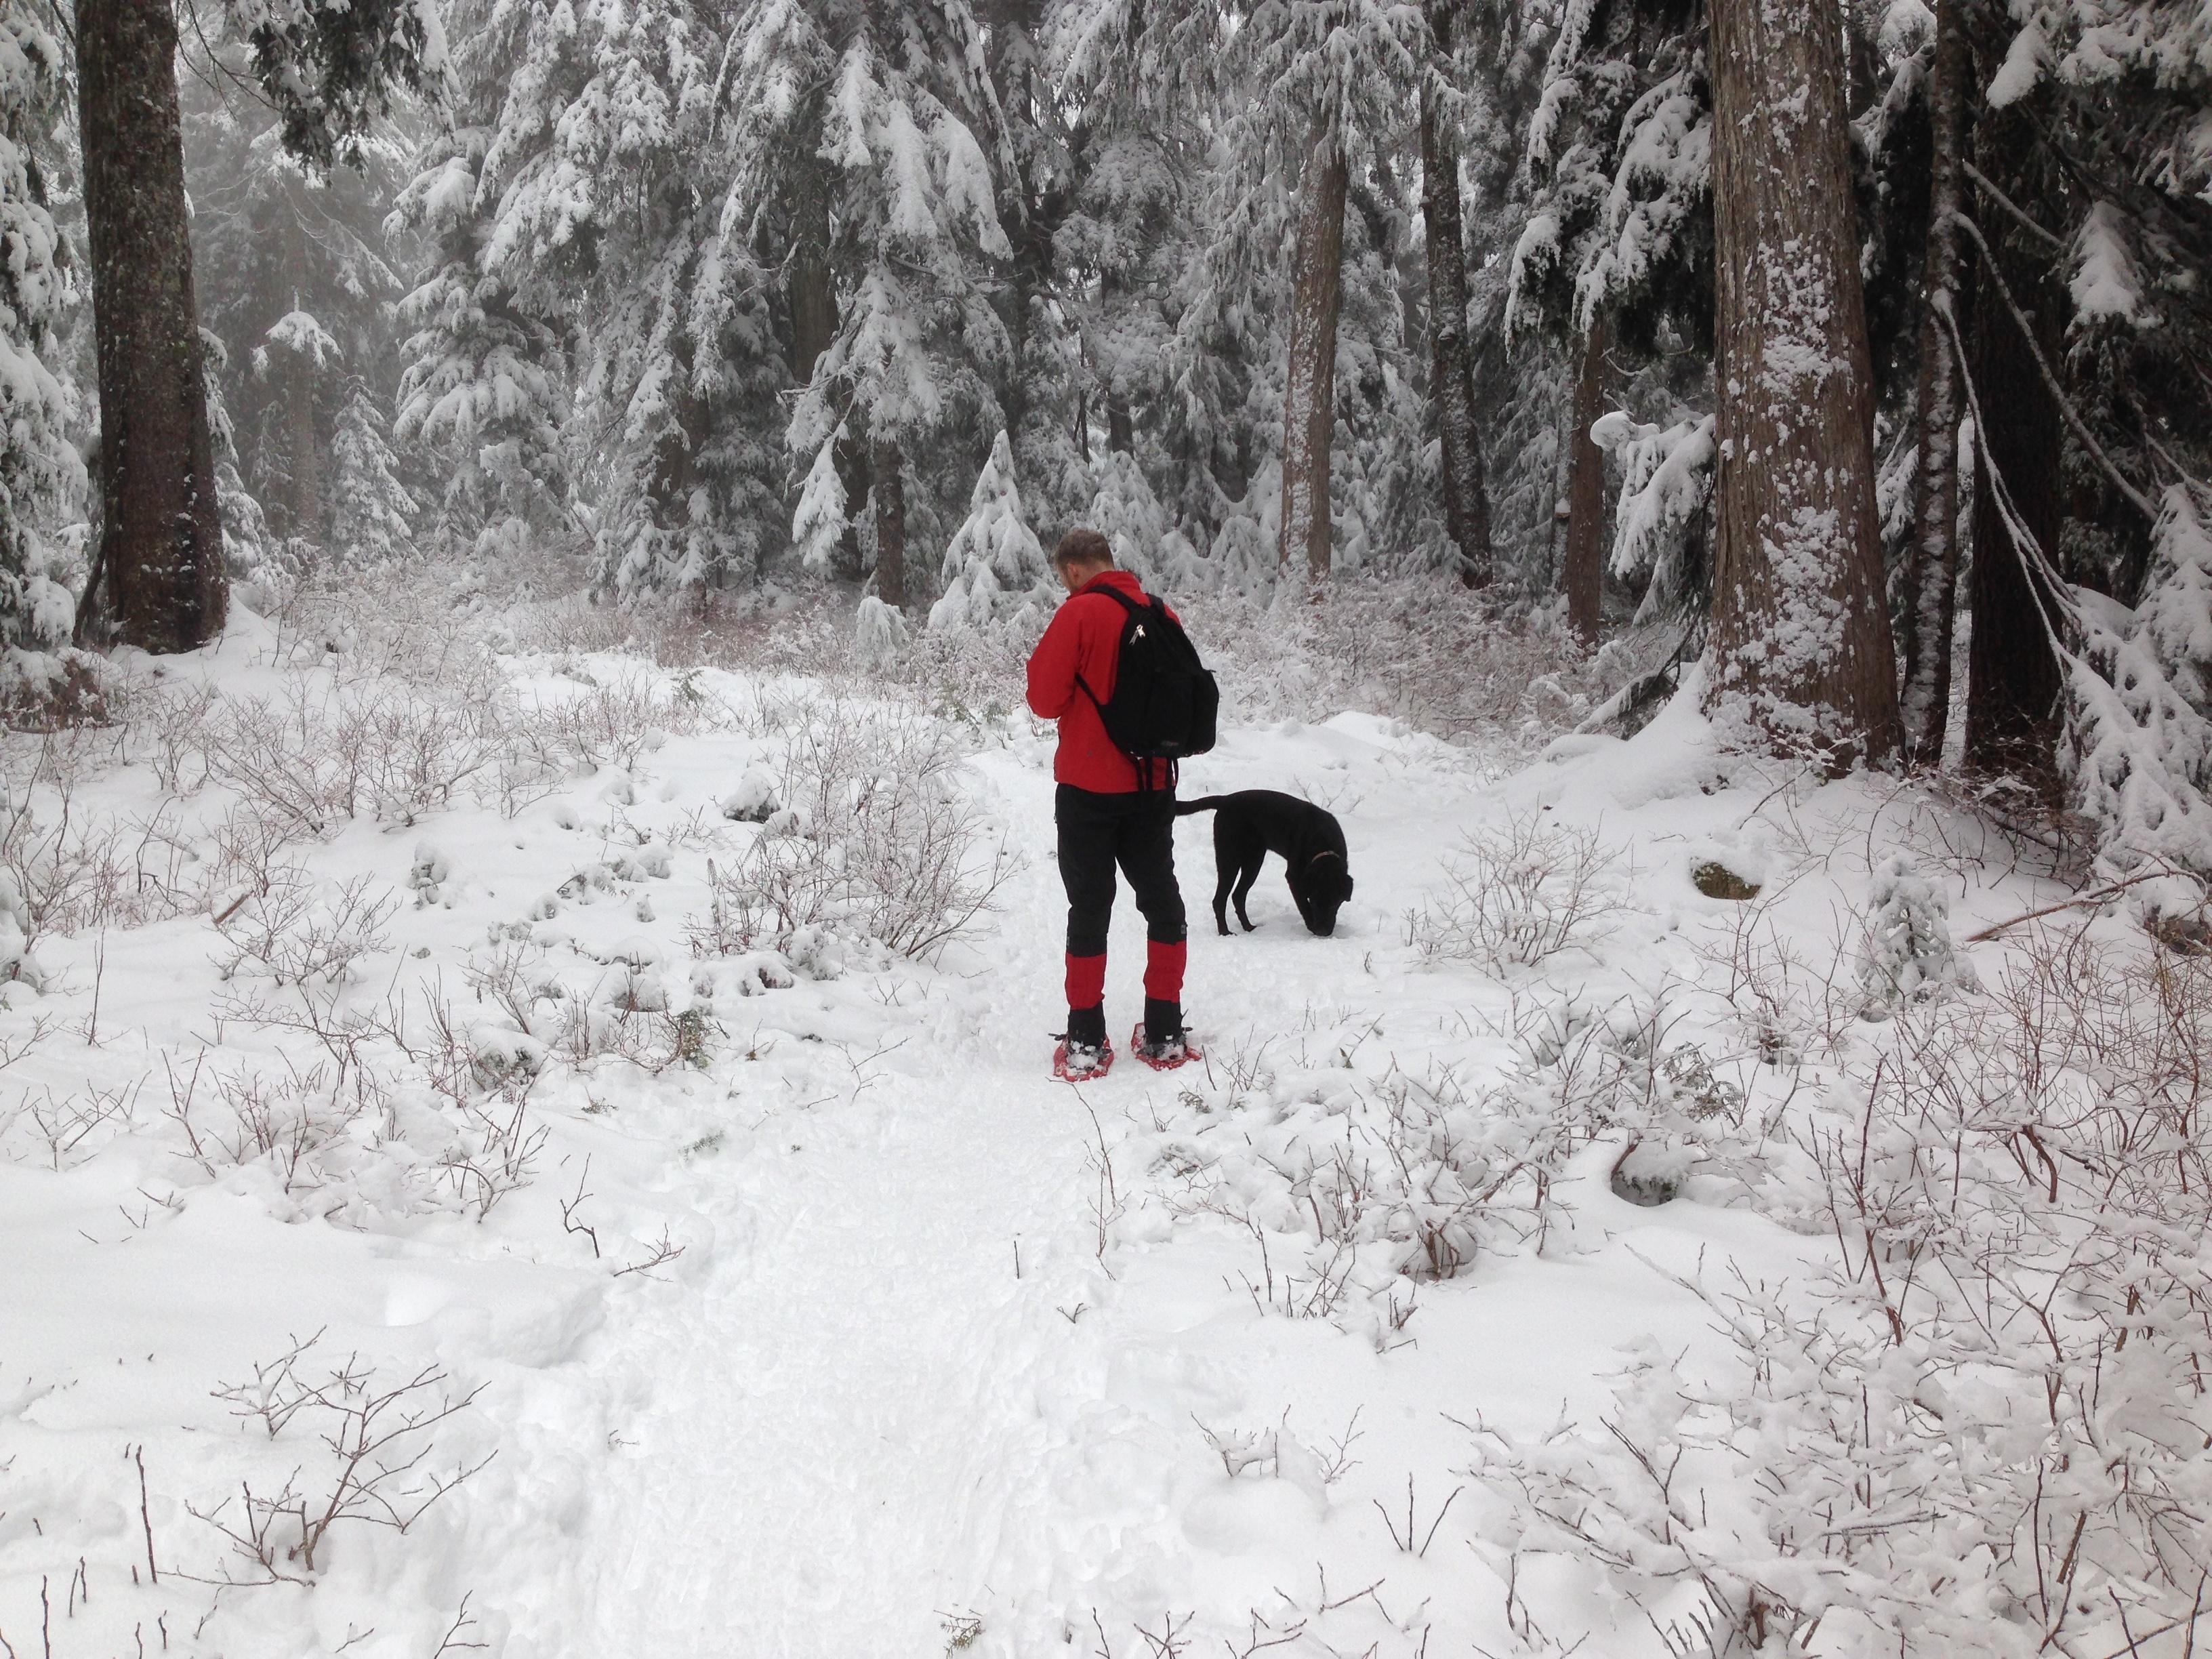 Ебут зимой на снегу, порно длинный девушка фото